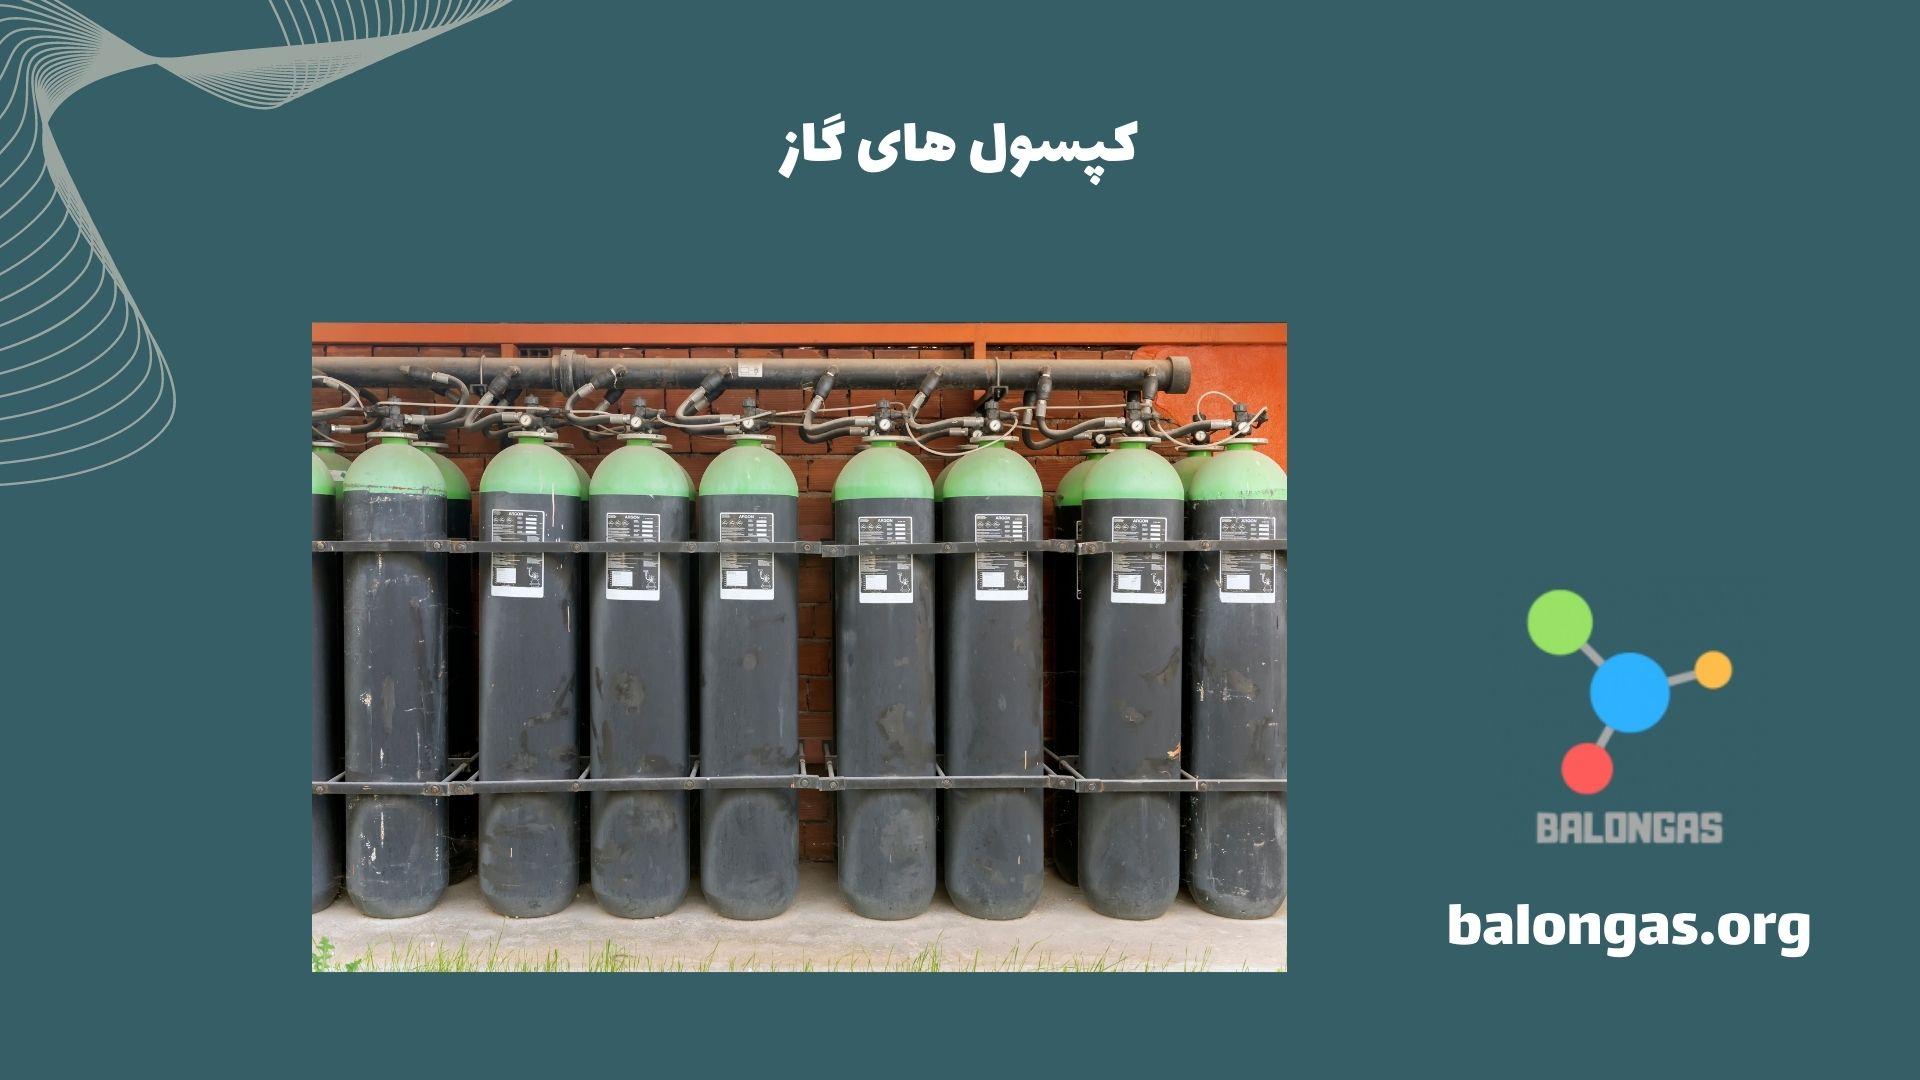 کپسول های گاز